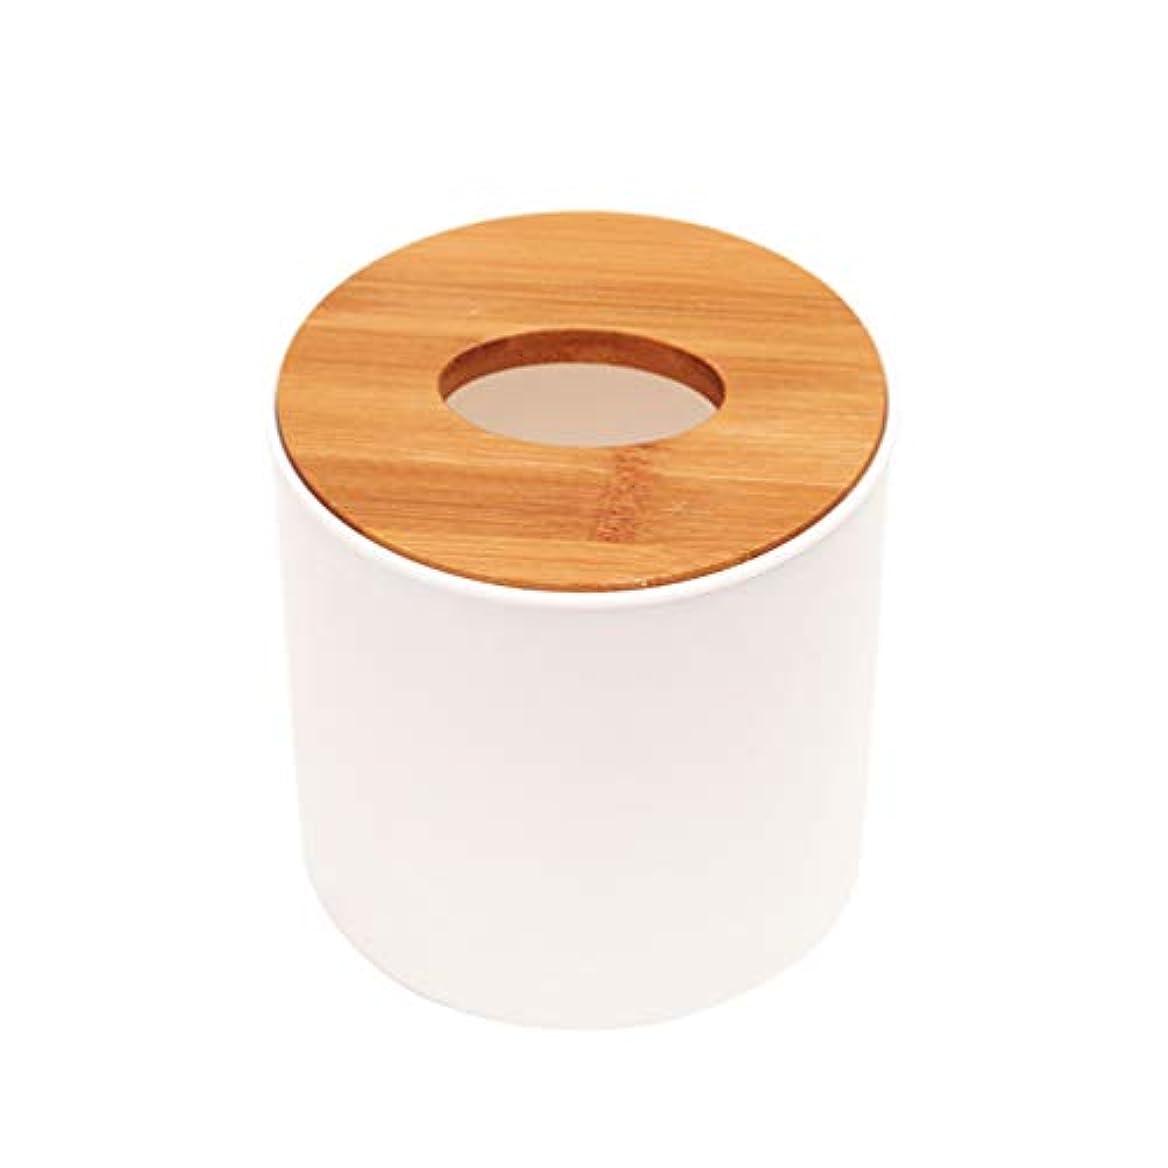 漂流参照する平凡TOPBATHY 2ピースティッシュボックス円筒木製カバープラスチック耐久性のあるティッシュペーパーホルダーオフィスホーム用品白